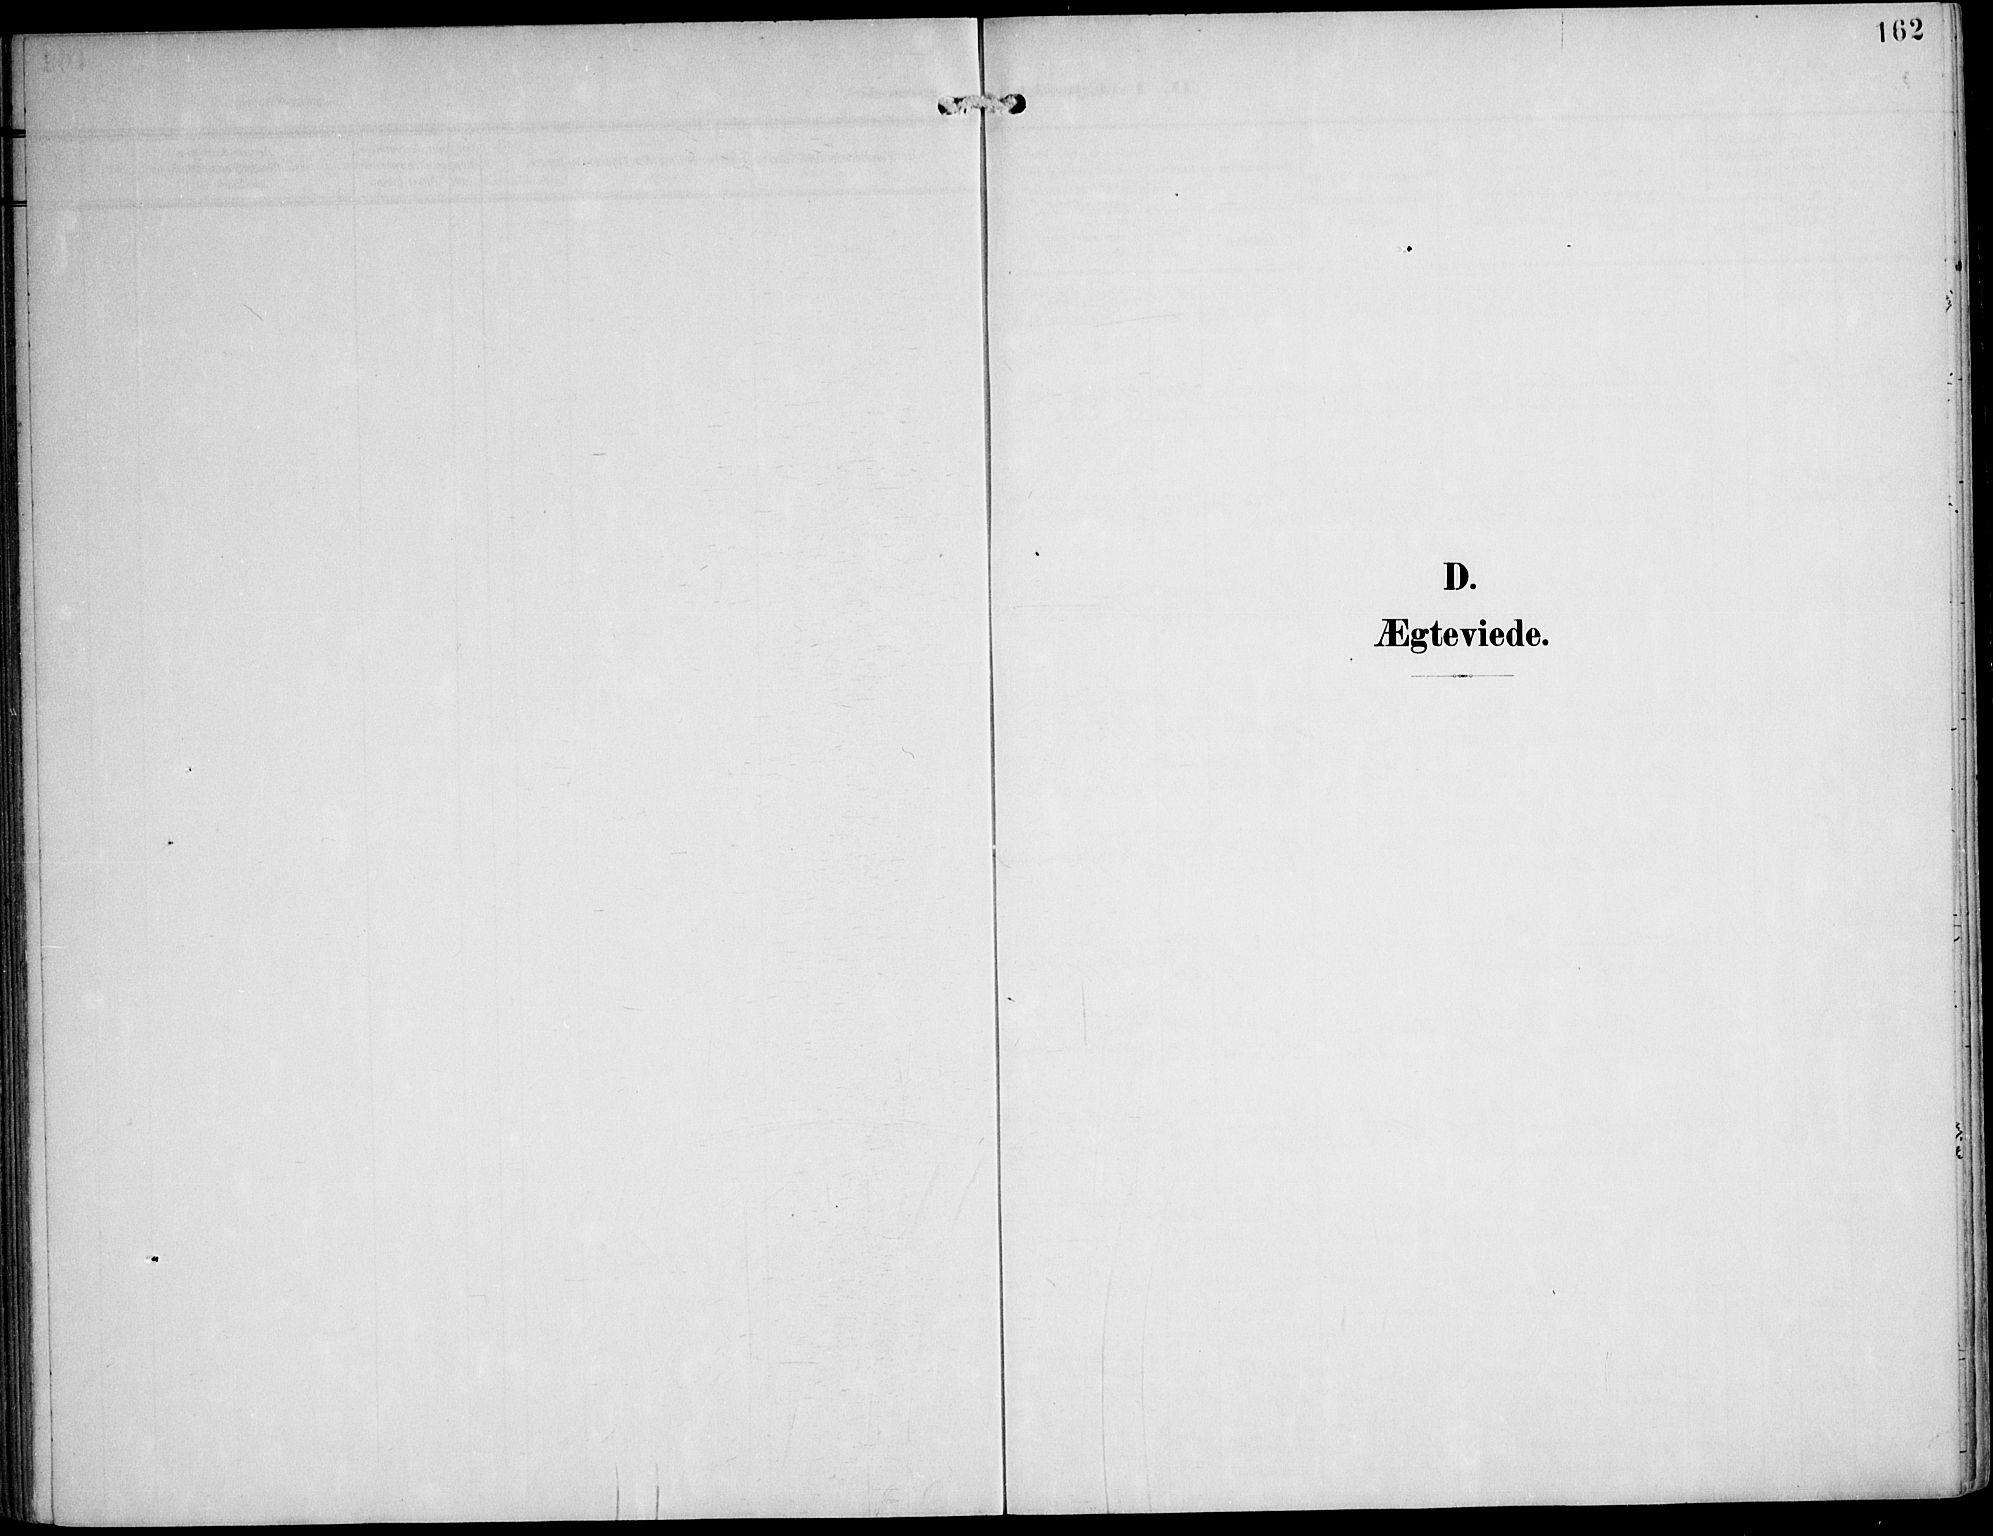 SAT, Ministerialprotokoller, klokkerbøker og fødselsregistre - Nord-Trøndelag, 788/L0698: Ministerialbok nr. 788A05, 1902-1921, s. 162